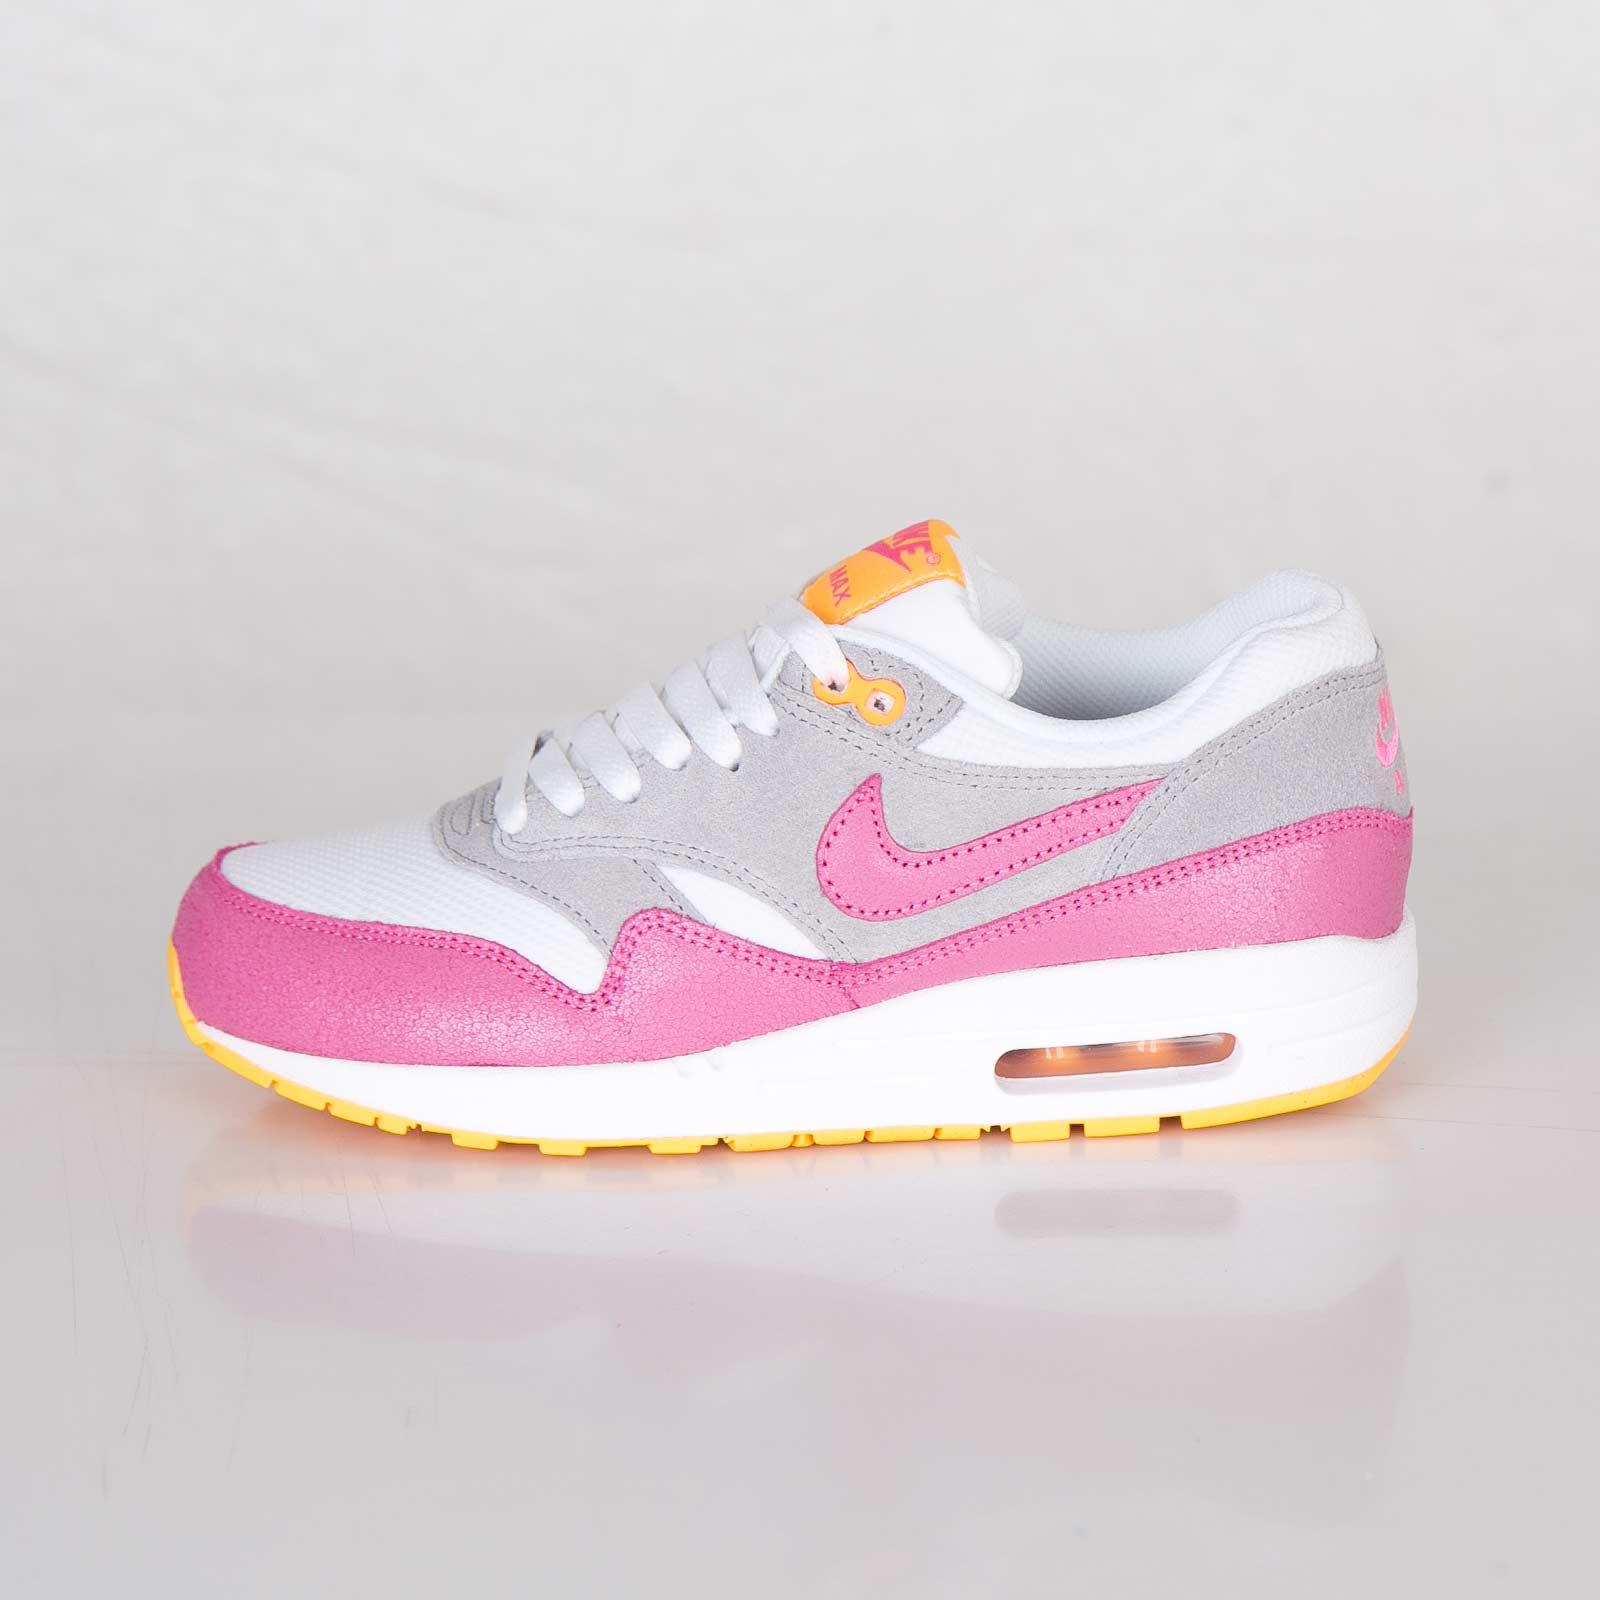 Nike WMNS Air Max 1 Essential (599820 107)